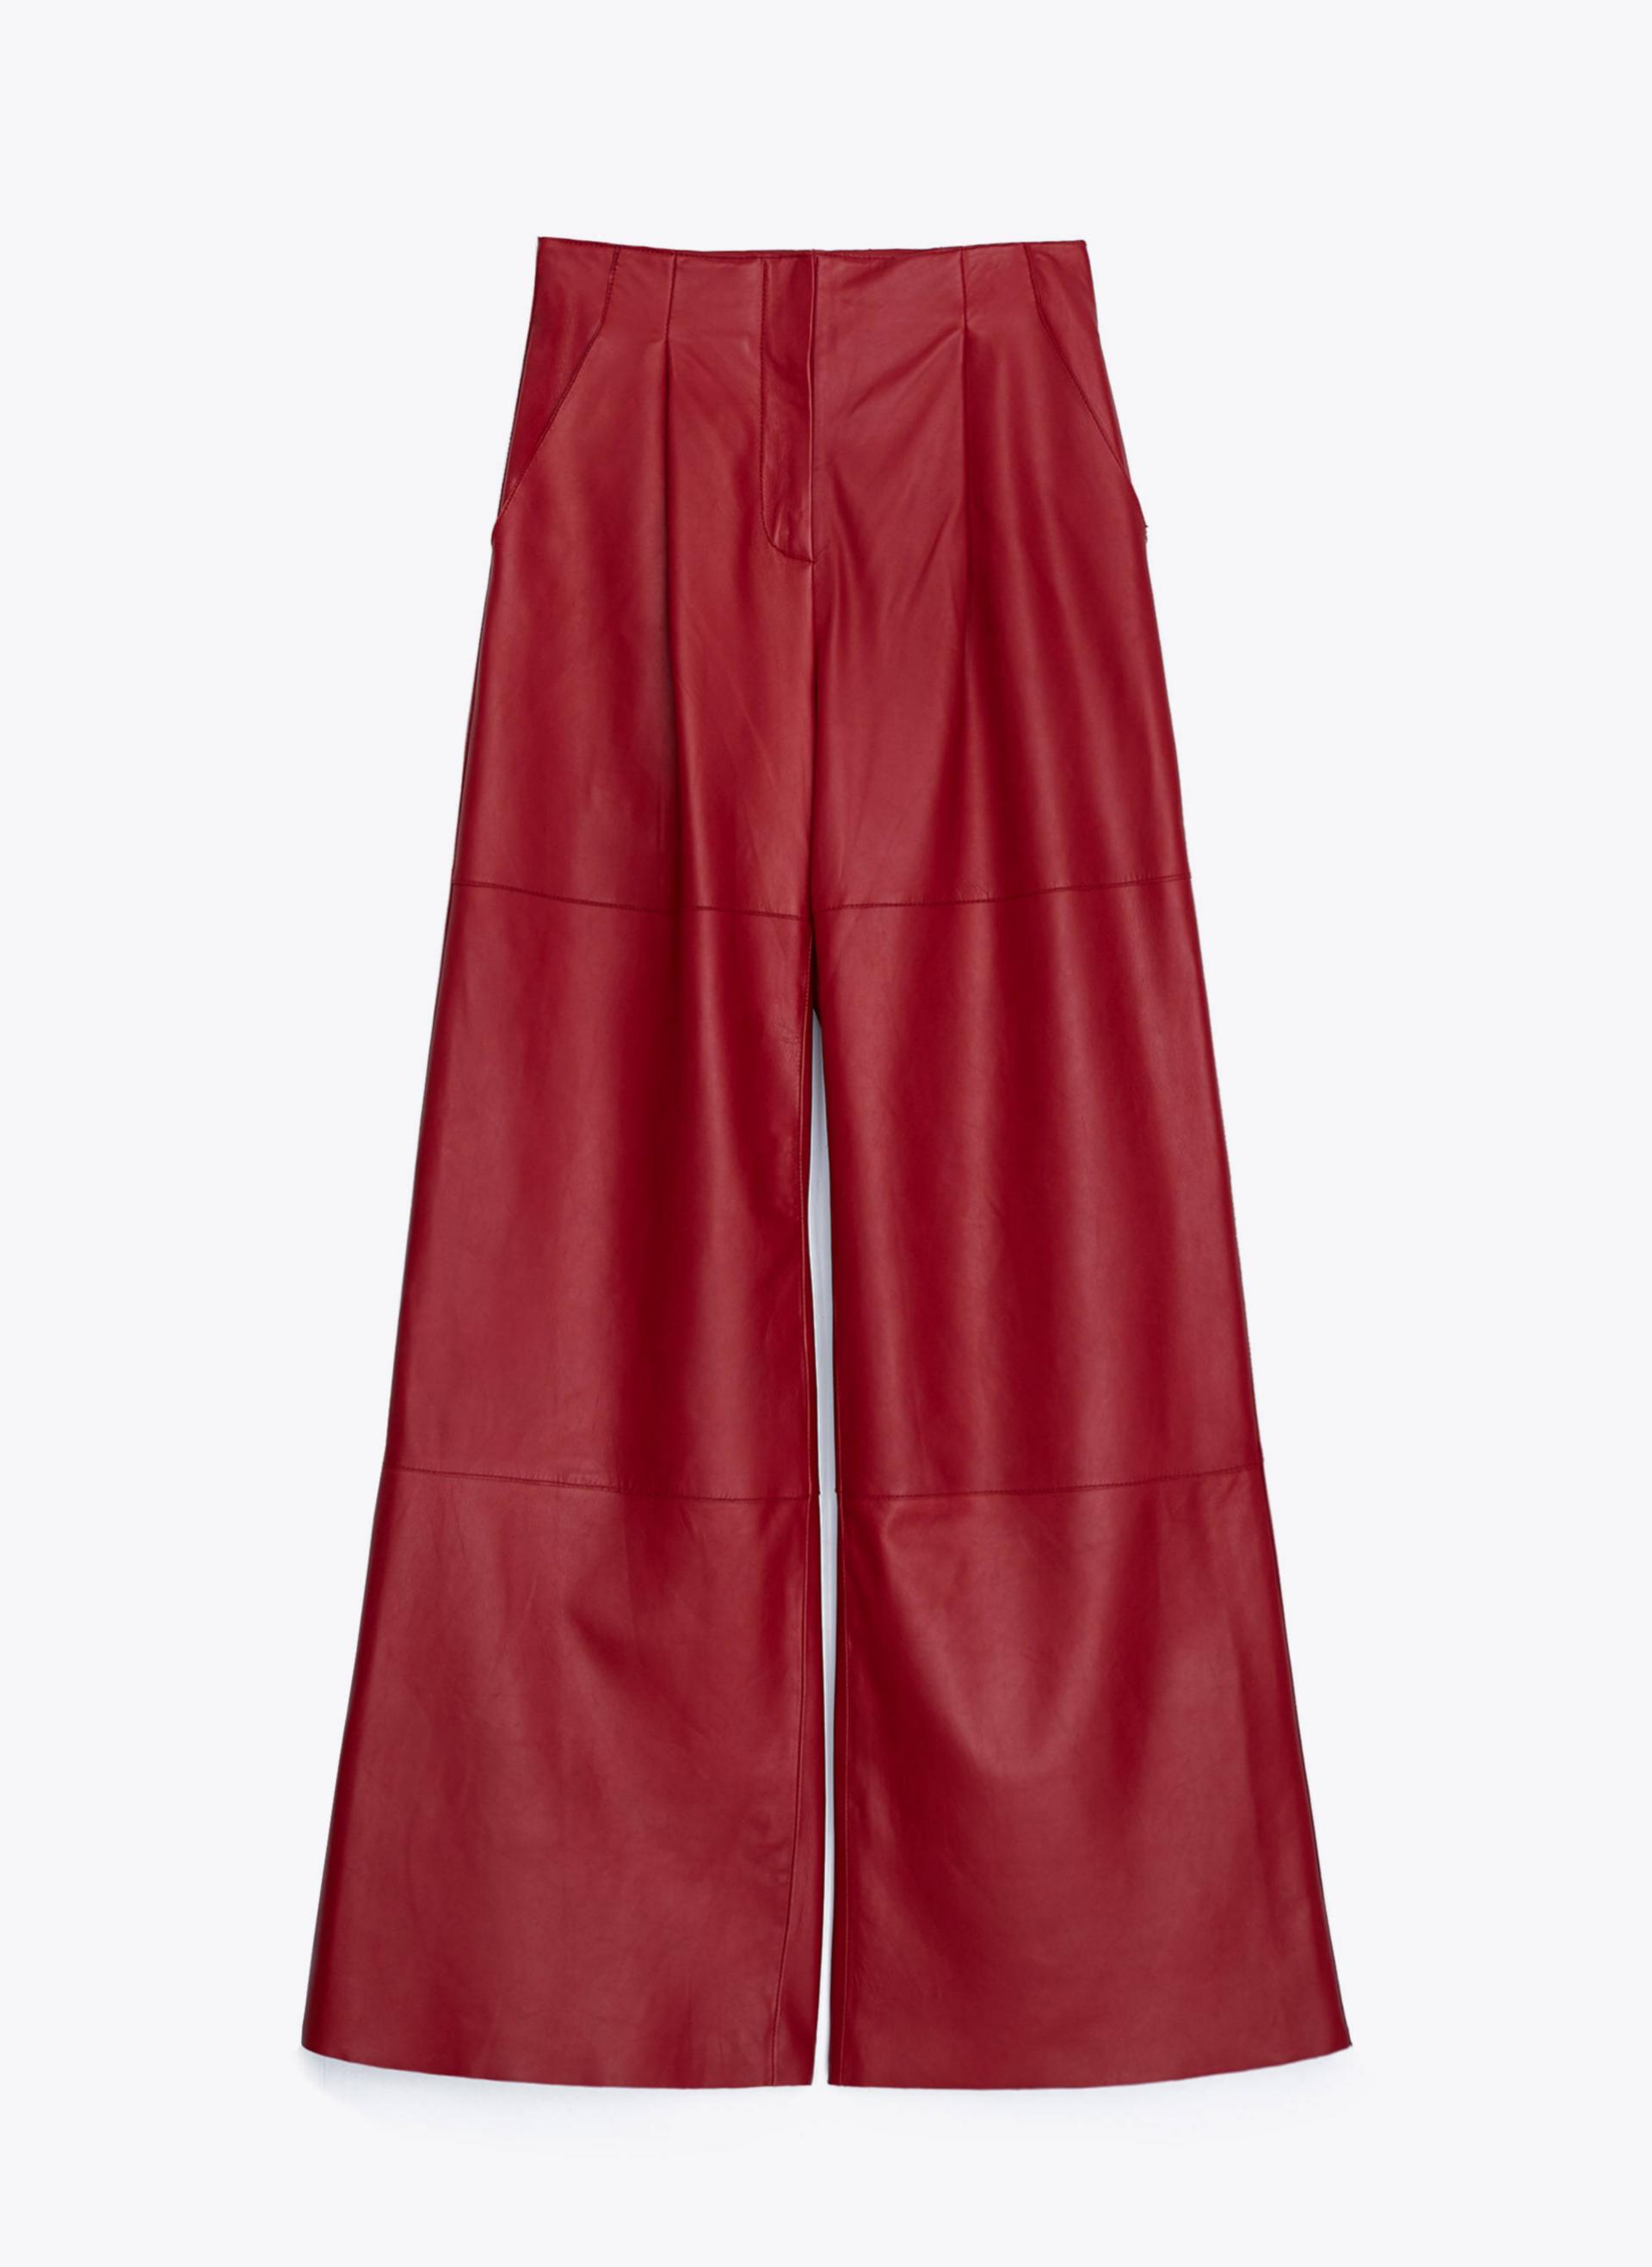 Pantalón palazzo de piel en color rojo de Uterqüe (229¤)